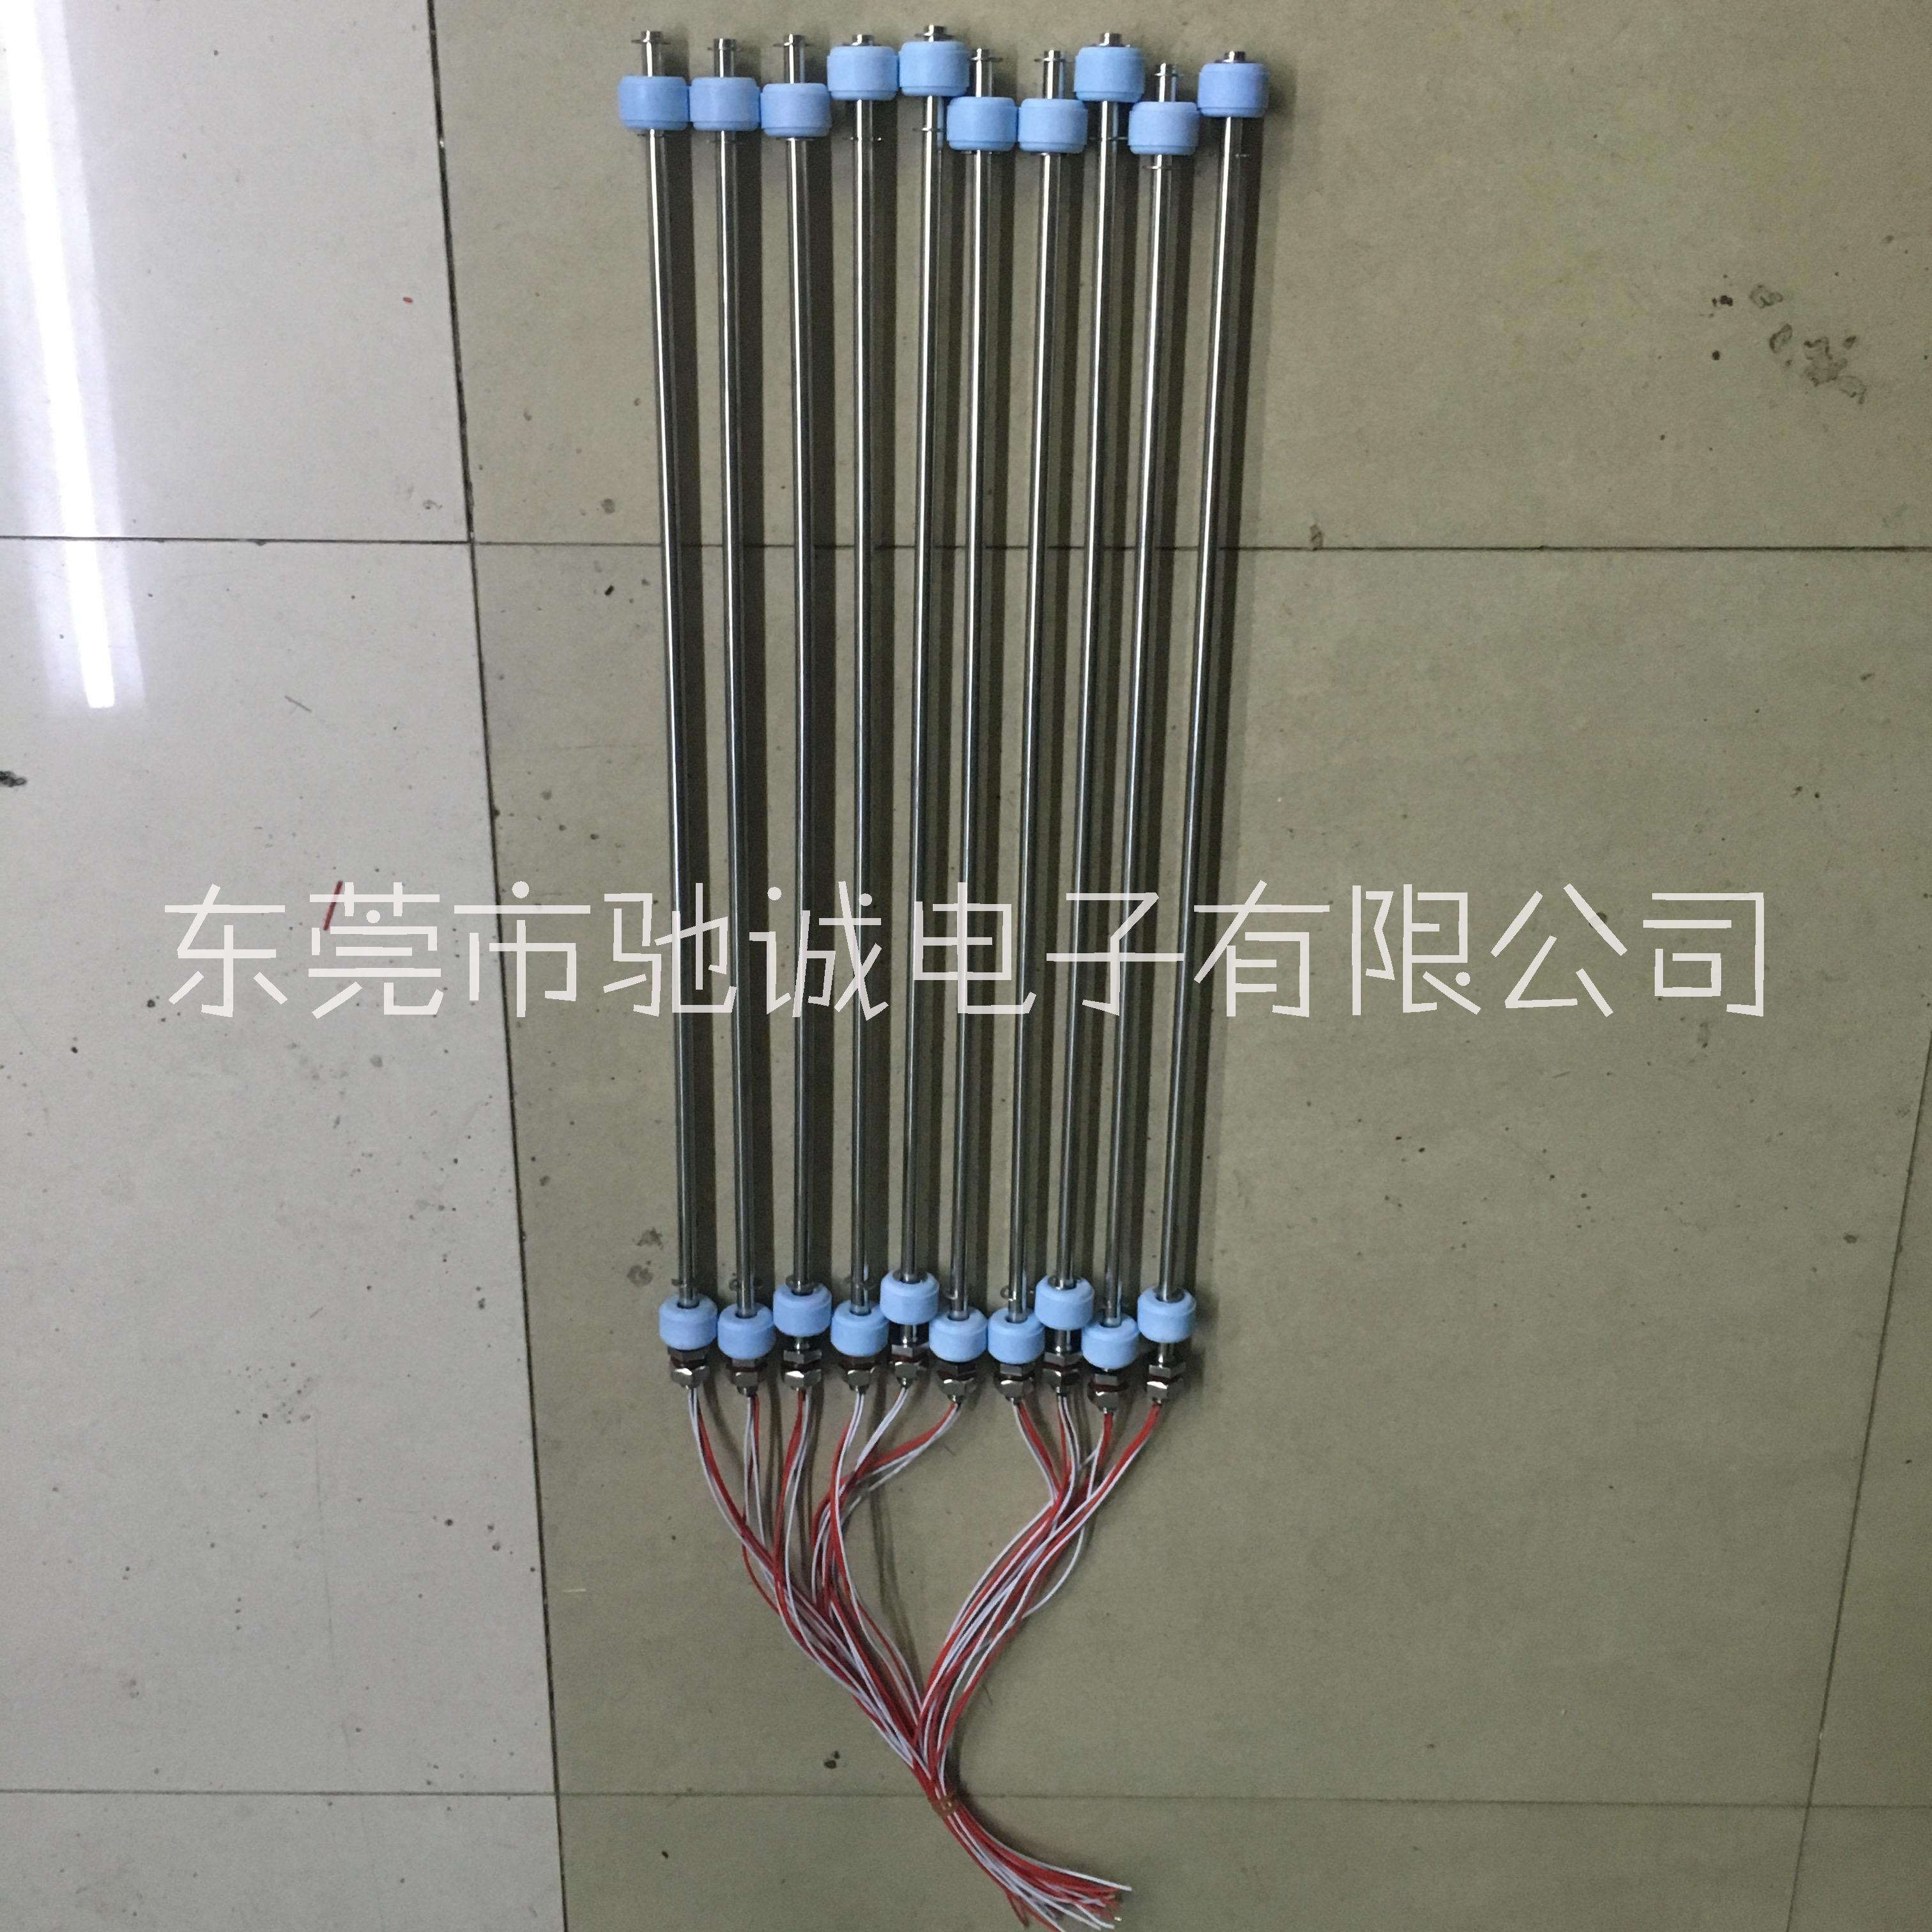 广州供应多点浮球液位开关 价格 批发 东莞市驰诚电子有限公司